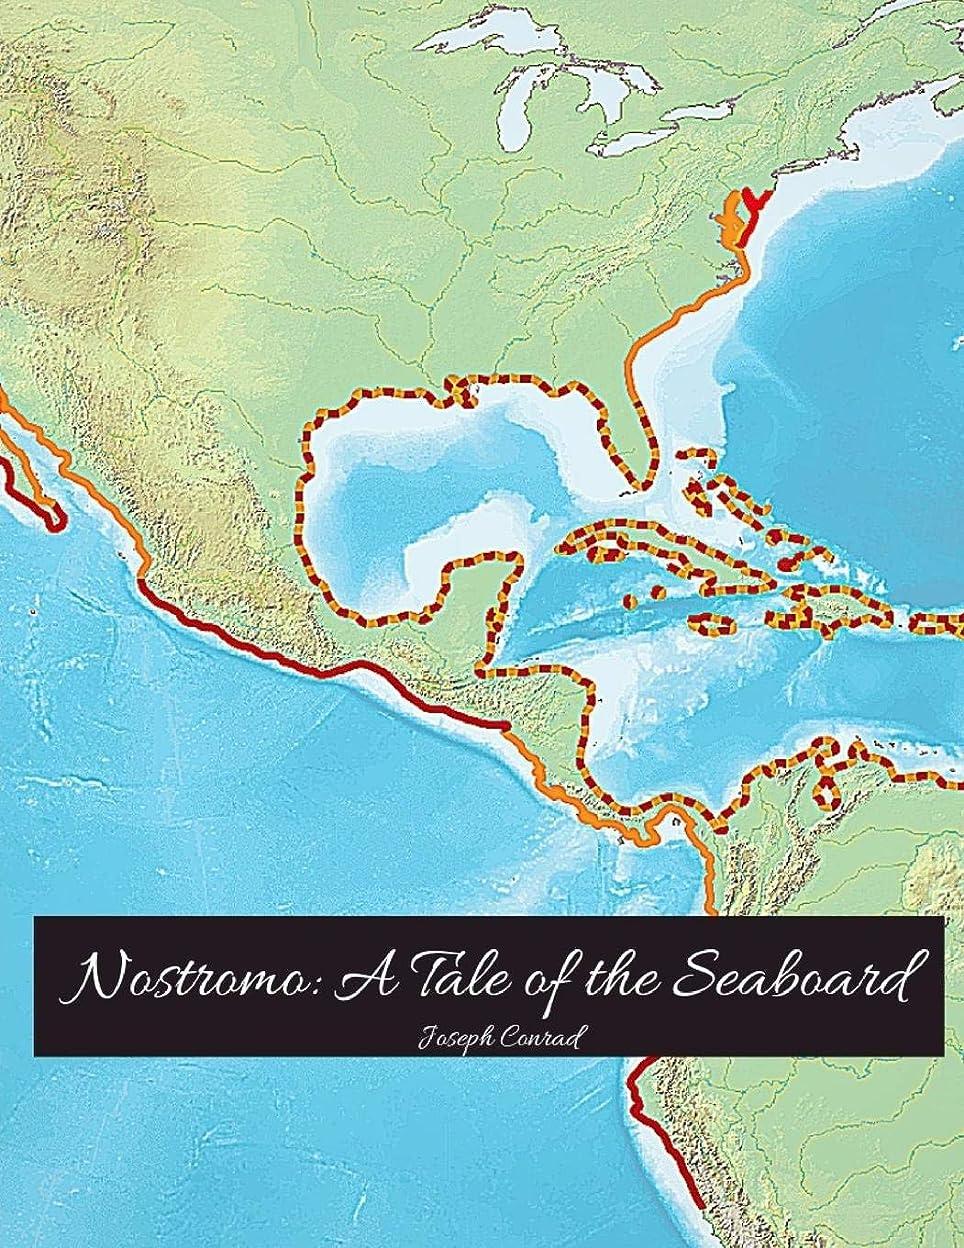 ネコセットする役員Nostromo: A Tale Of a Seaboard: The Brilliant Novel  (Annotated) By Joseph Conrad.